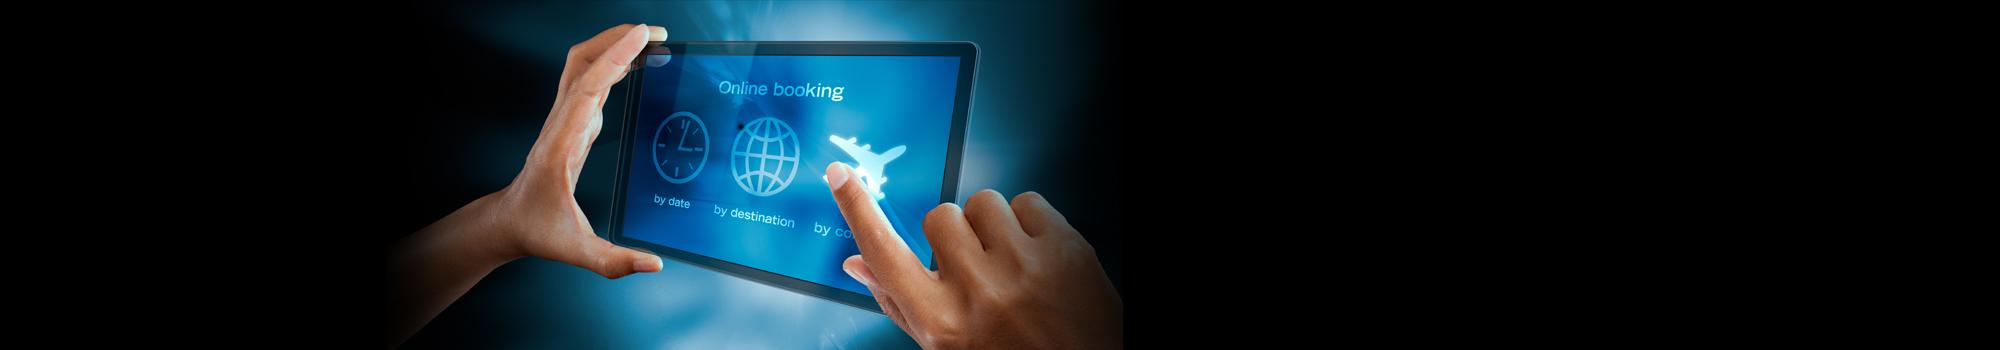 online-booking-image-slider